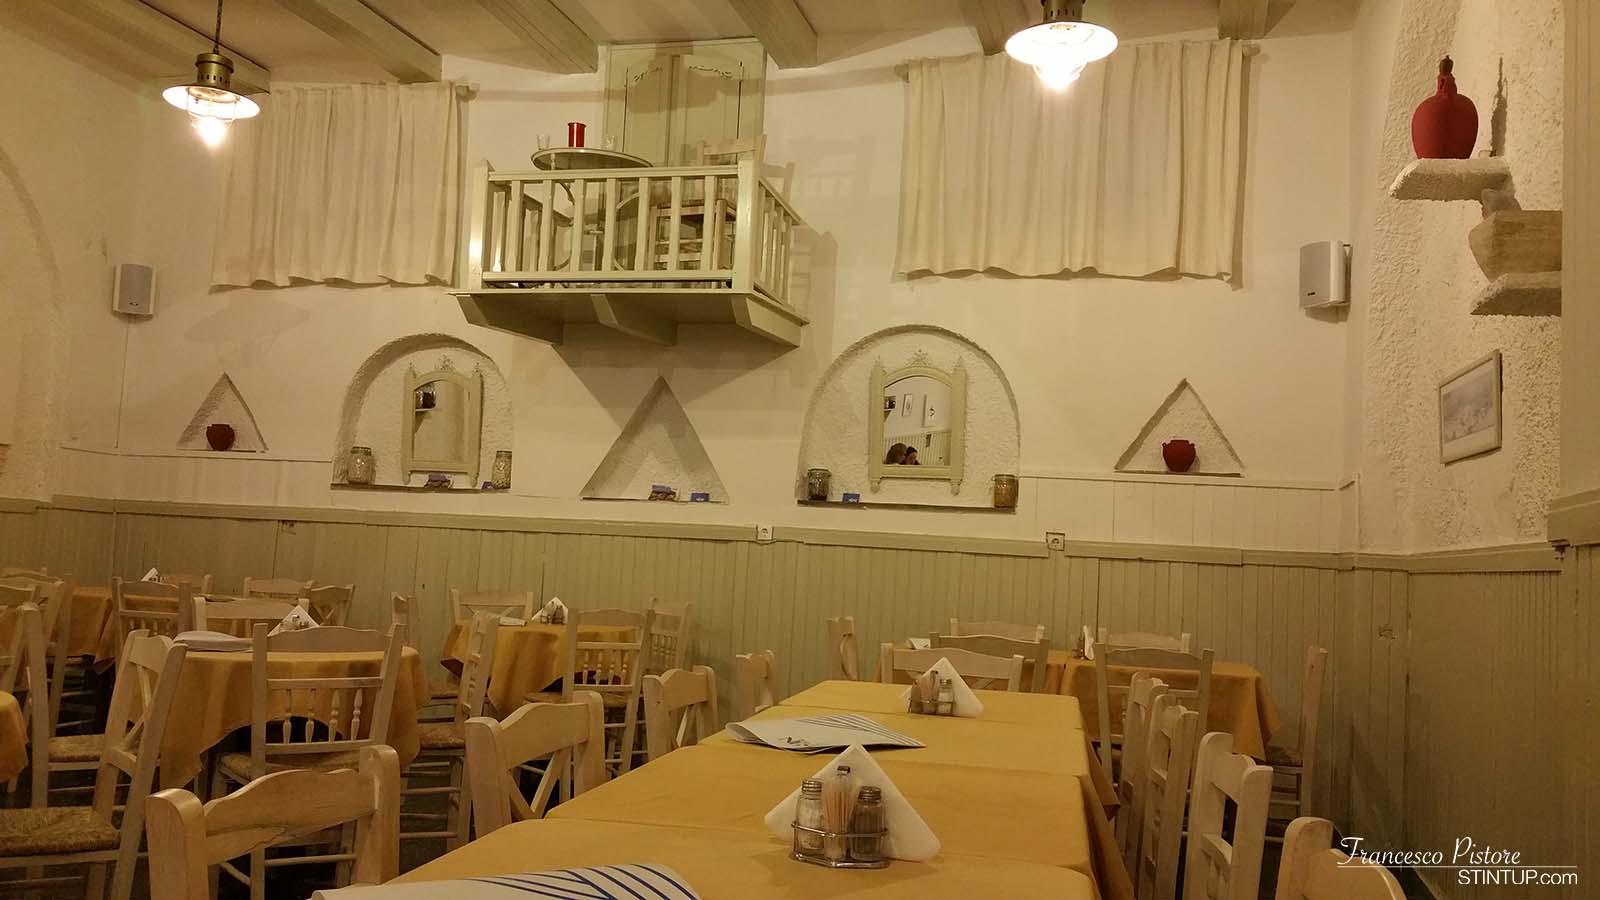 L'interno del ristorante TheNest